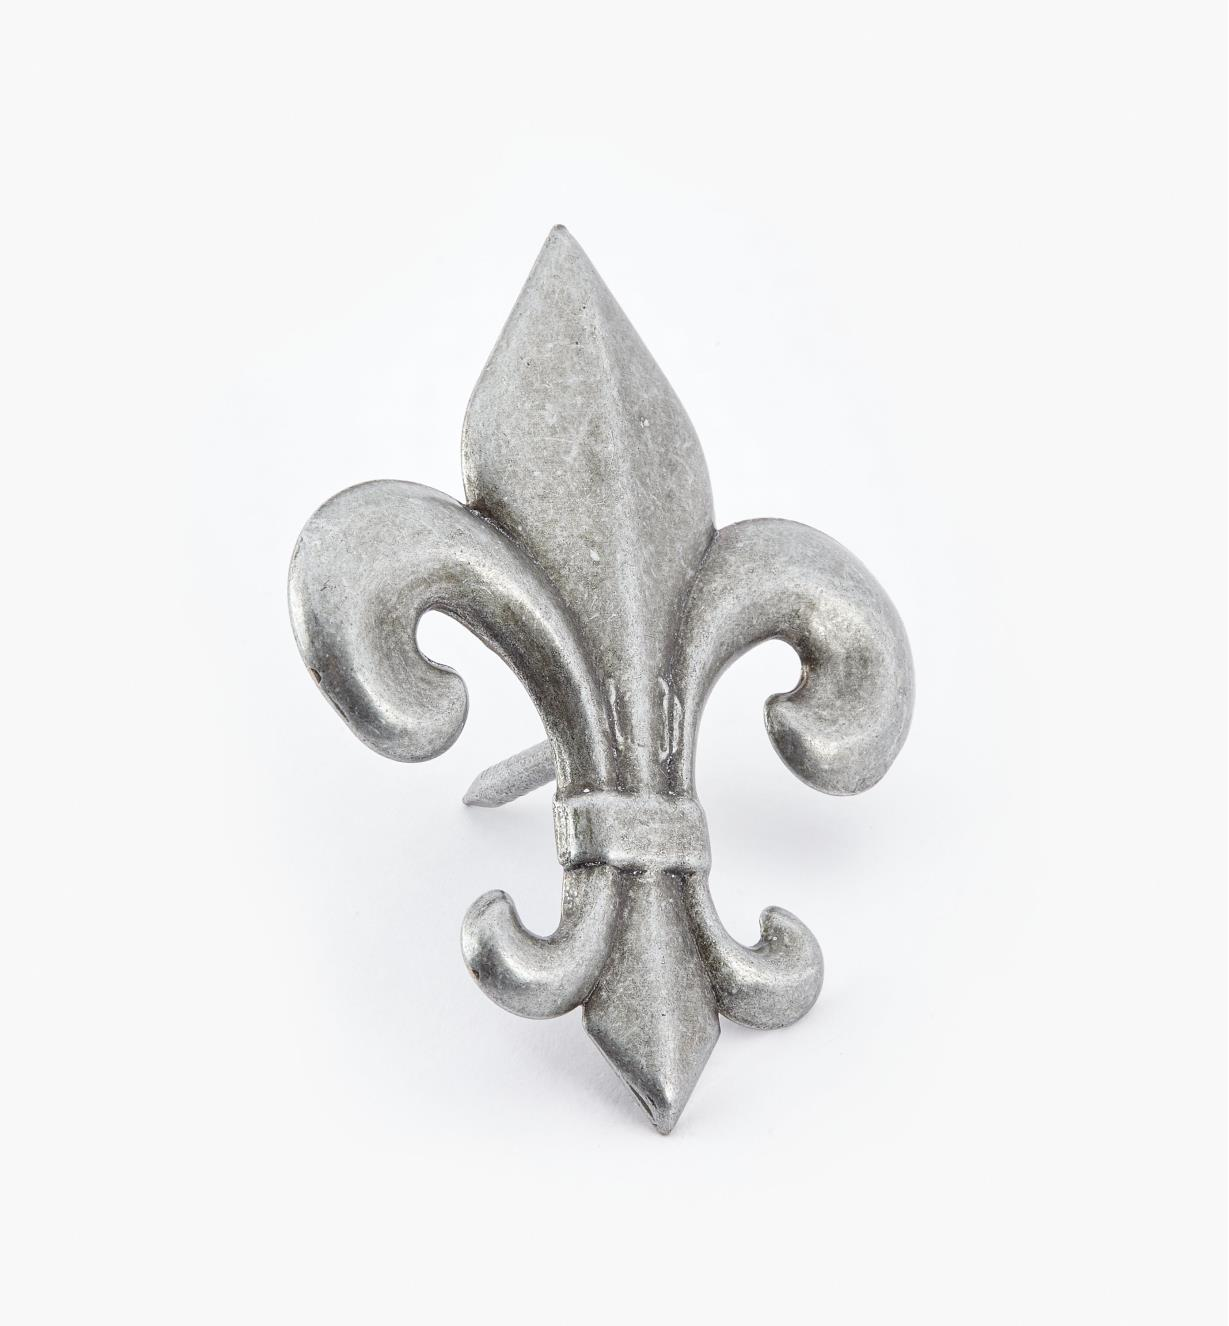 """00T0948 - Fleur-de-Lis Clavos, 2 11/16"""" x 7/8"""", Antique Pewter, ea."""